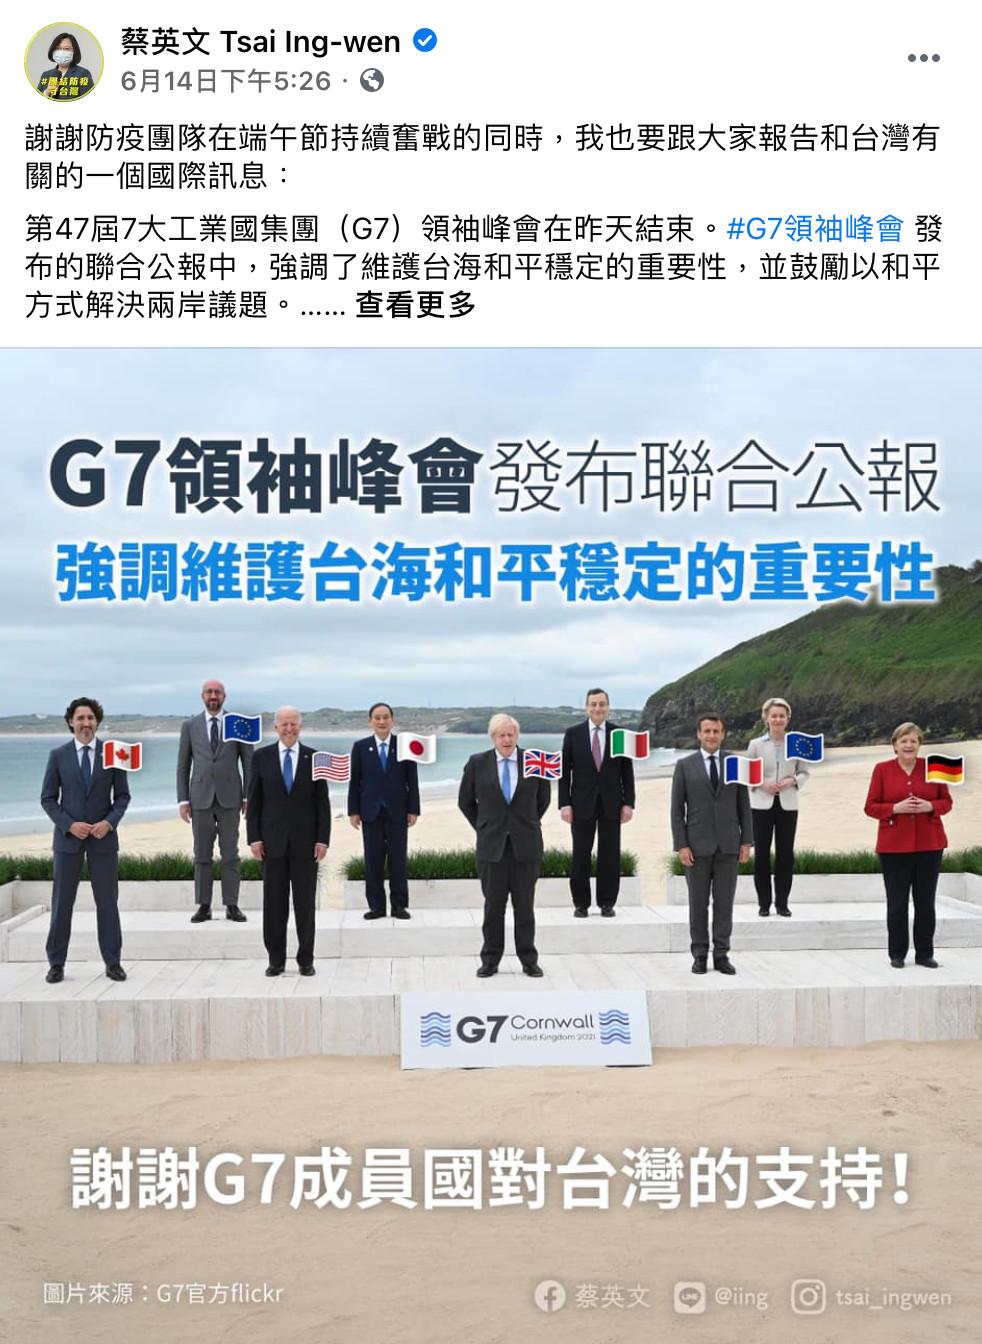 共機,拜登,國務院,兩岸關係,台灣關係法,G7,ADIZ,台海